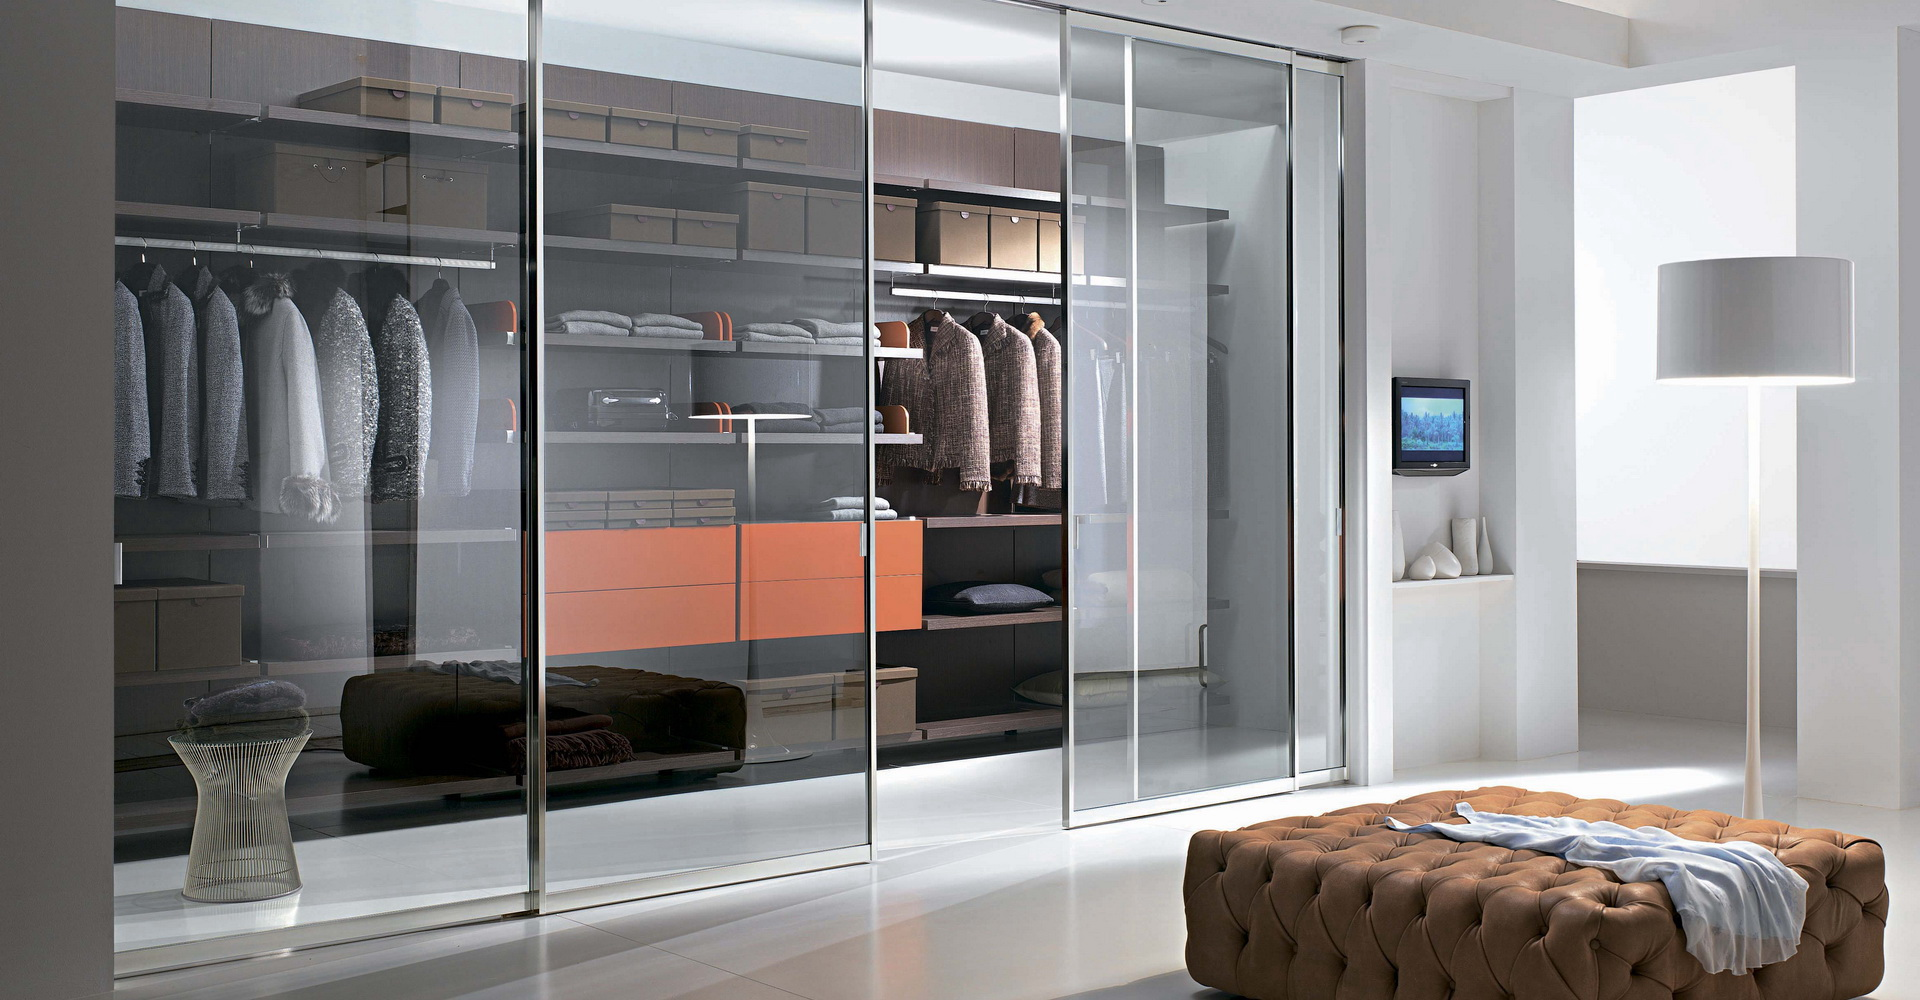 Итальянские гардеробные - гардеробные комнаты из италии.гард.